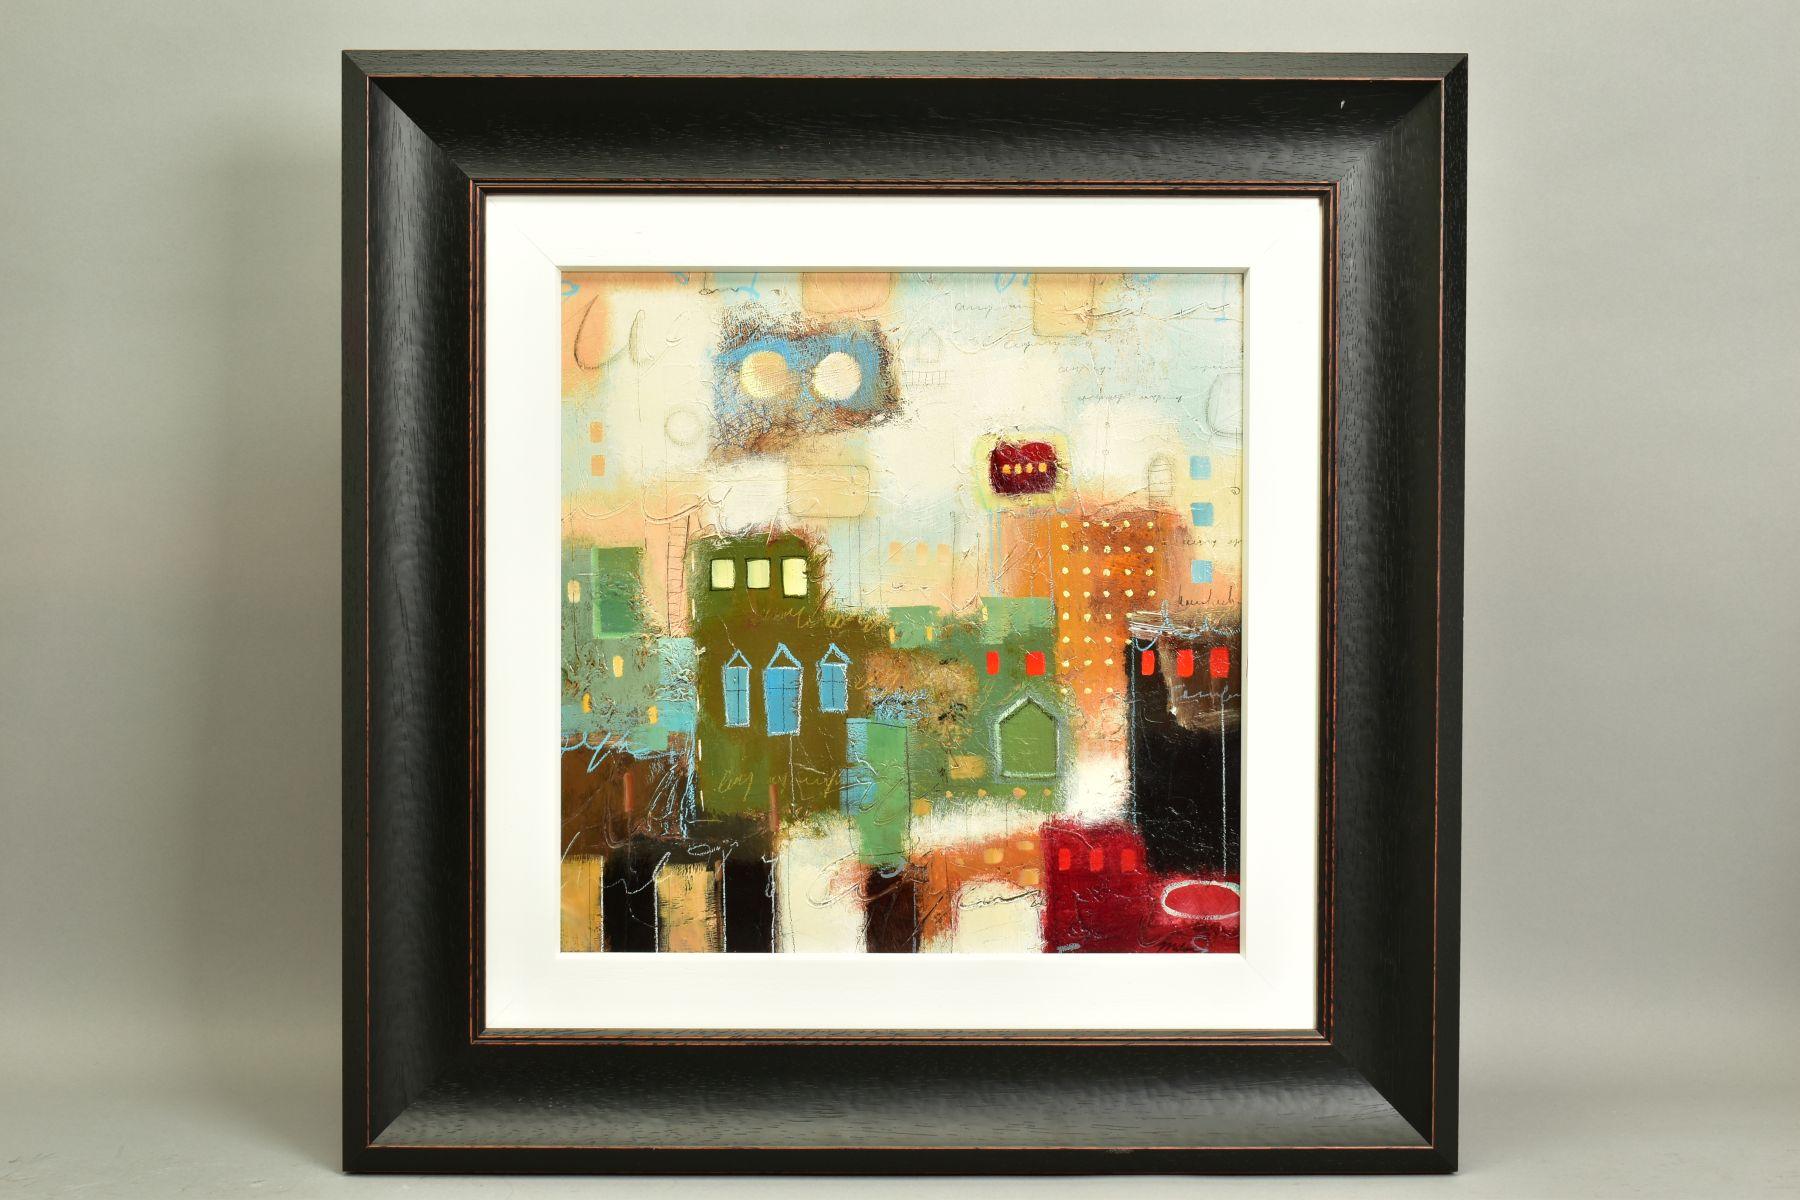 JOHN MILAN (AMERICAN CONTEMPORARY), 'Urban Continuum III', a colourful abstract composition,